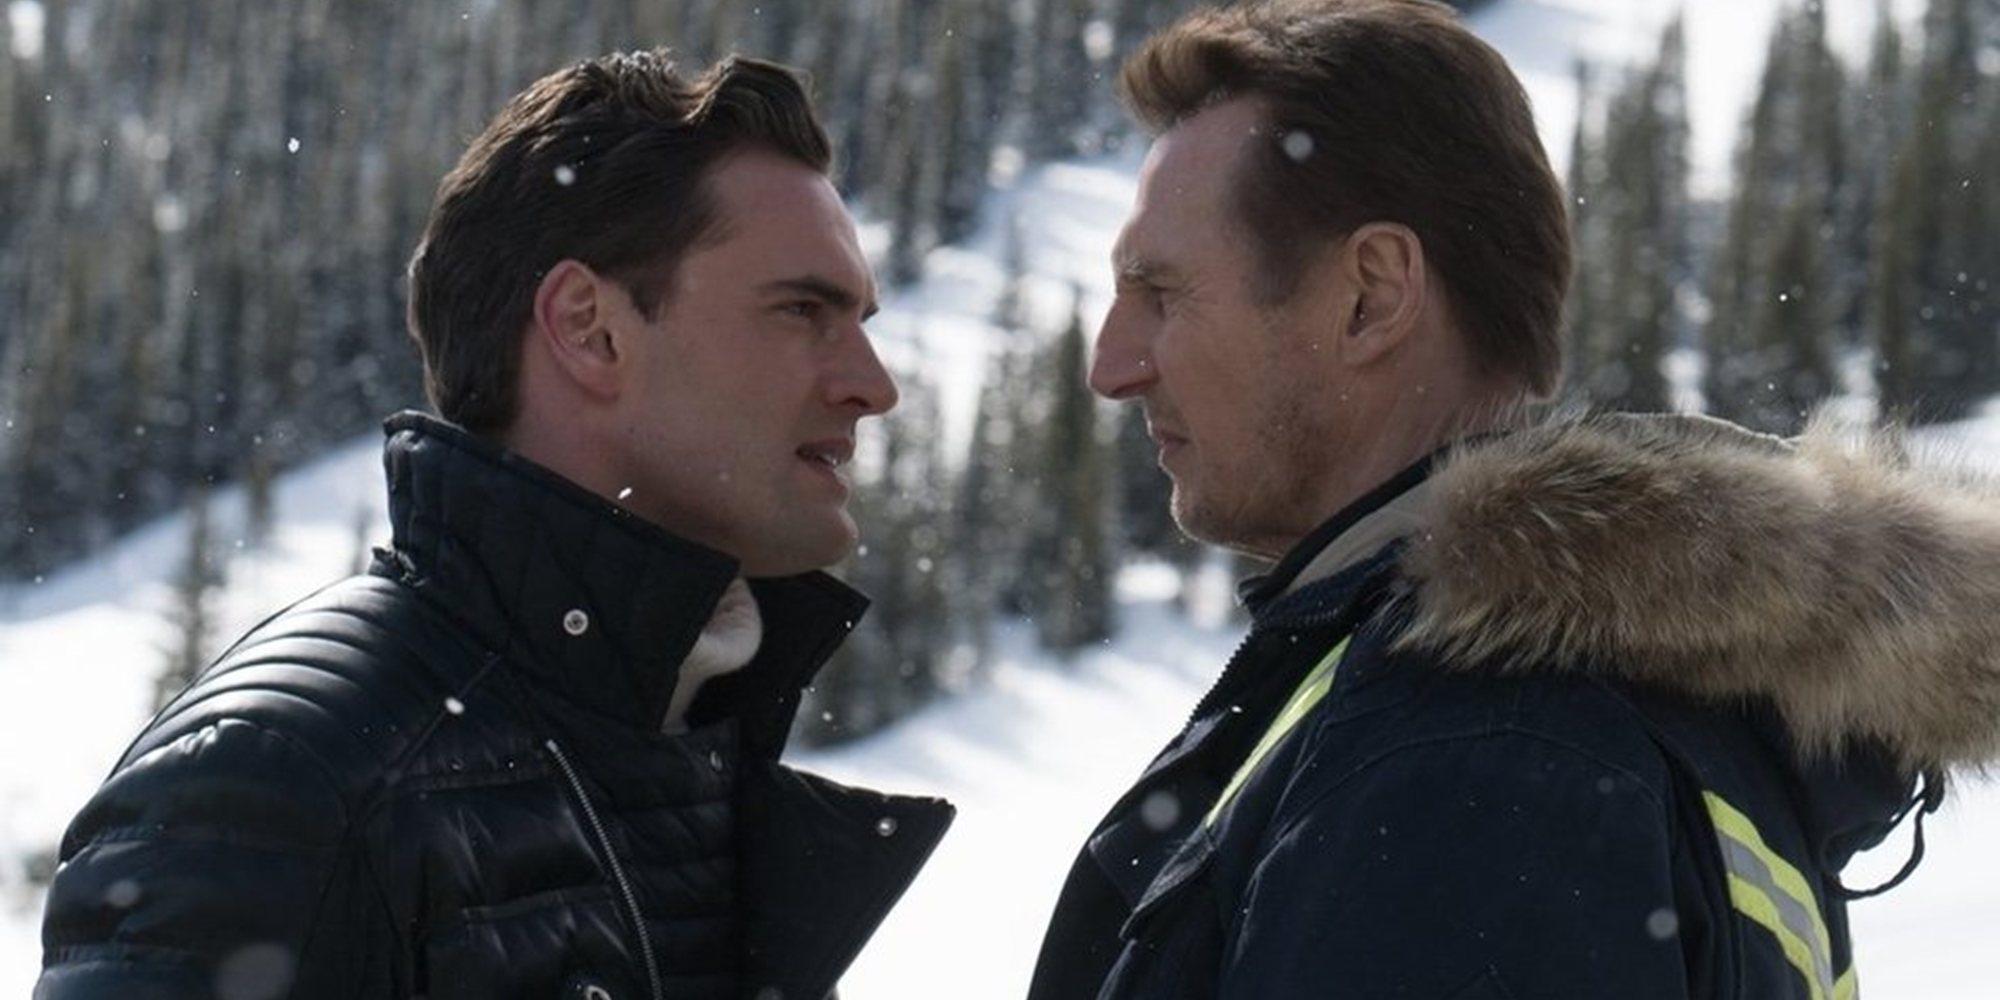 'Venganza bajo cero' y 'Súper empollonas', los estrenos más destacados de la semana